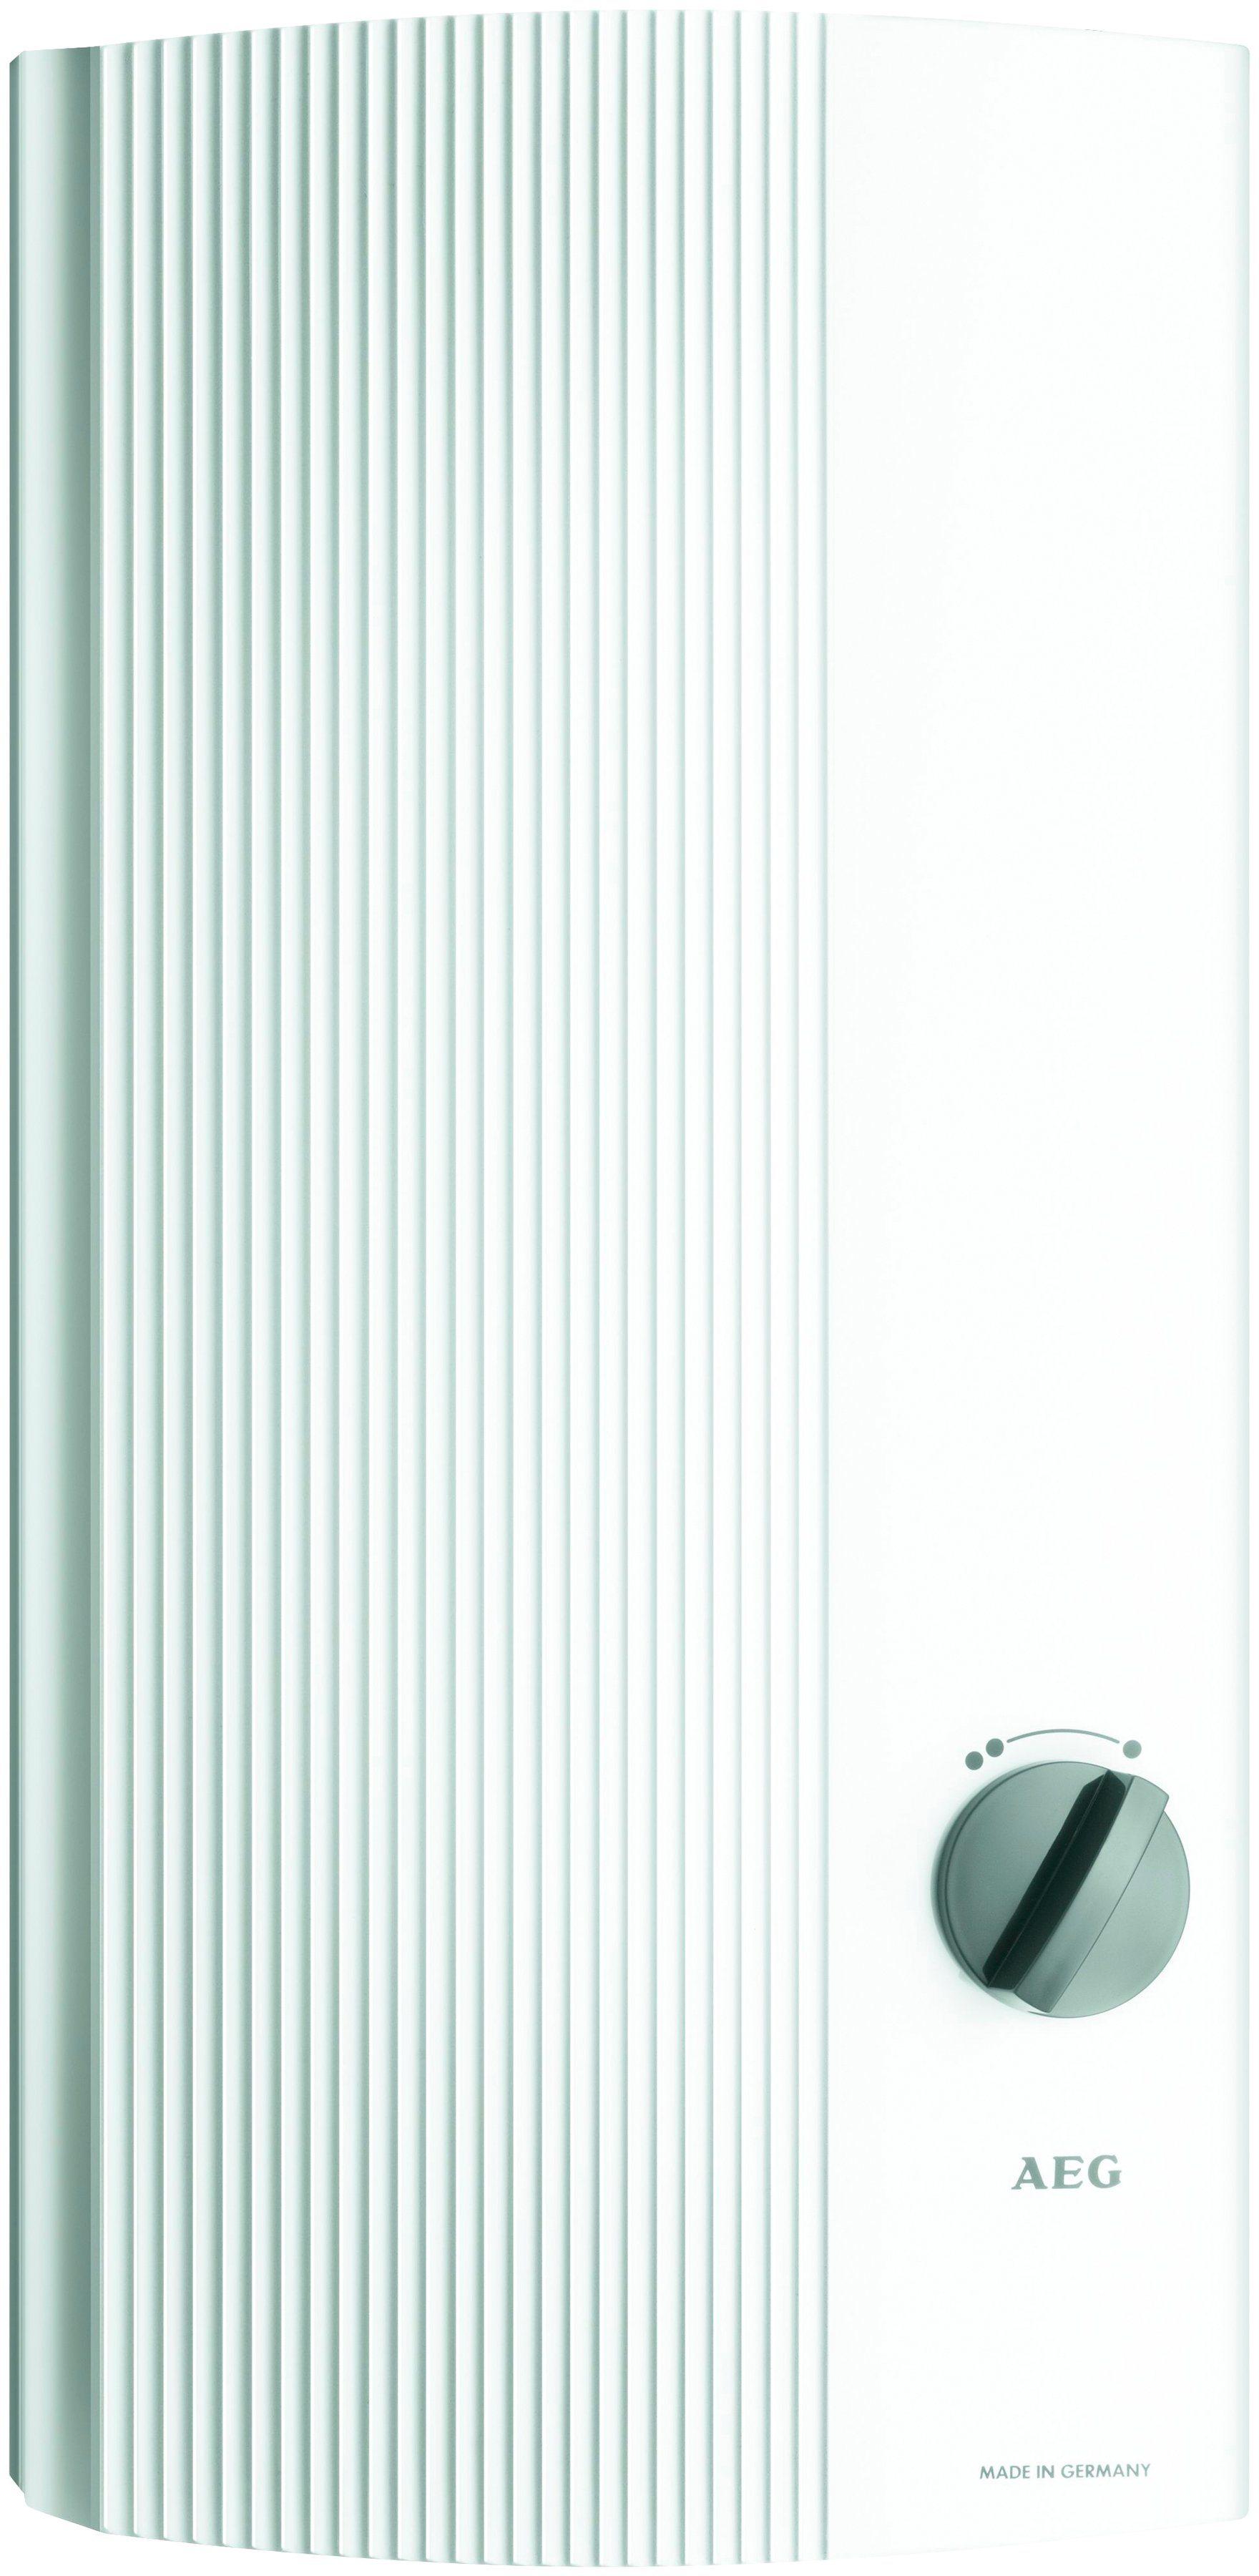 AEG Durchlauferhitzer »DDL PinControl 18« | Baumarkt > Heizung und Klima > Durchlauferhitzer | AEG